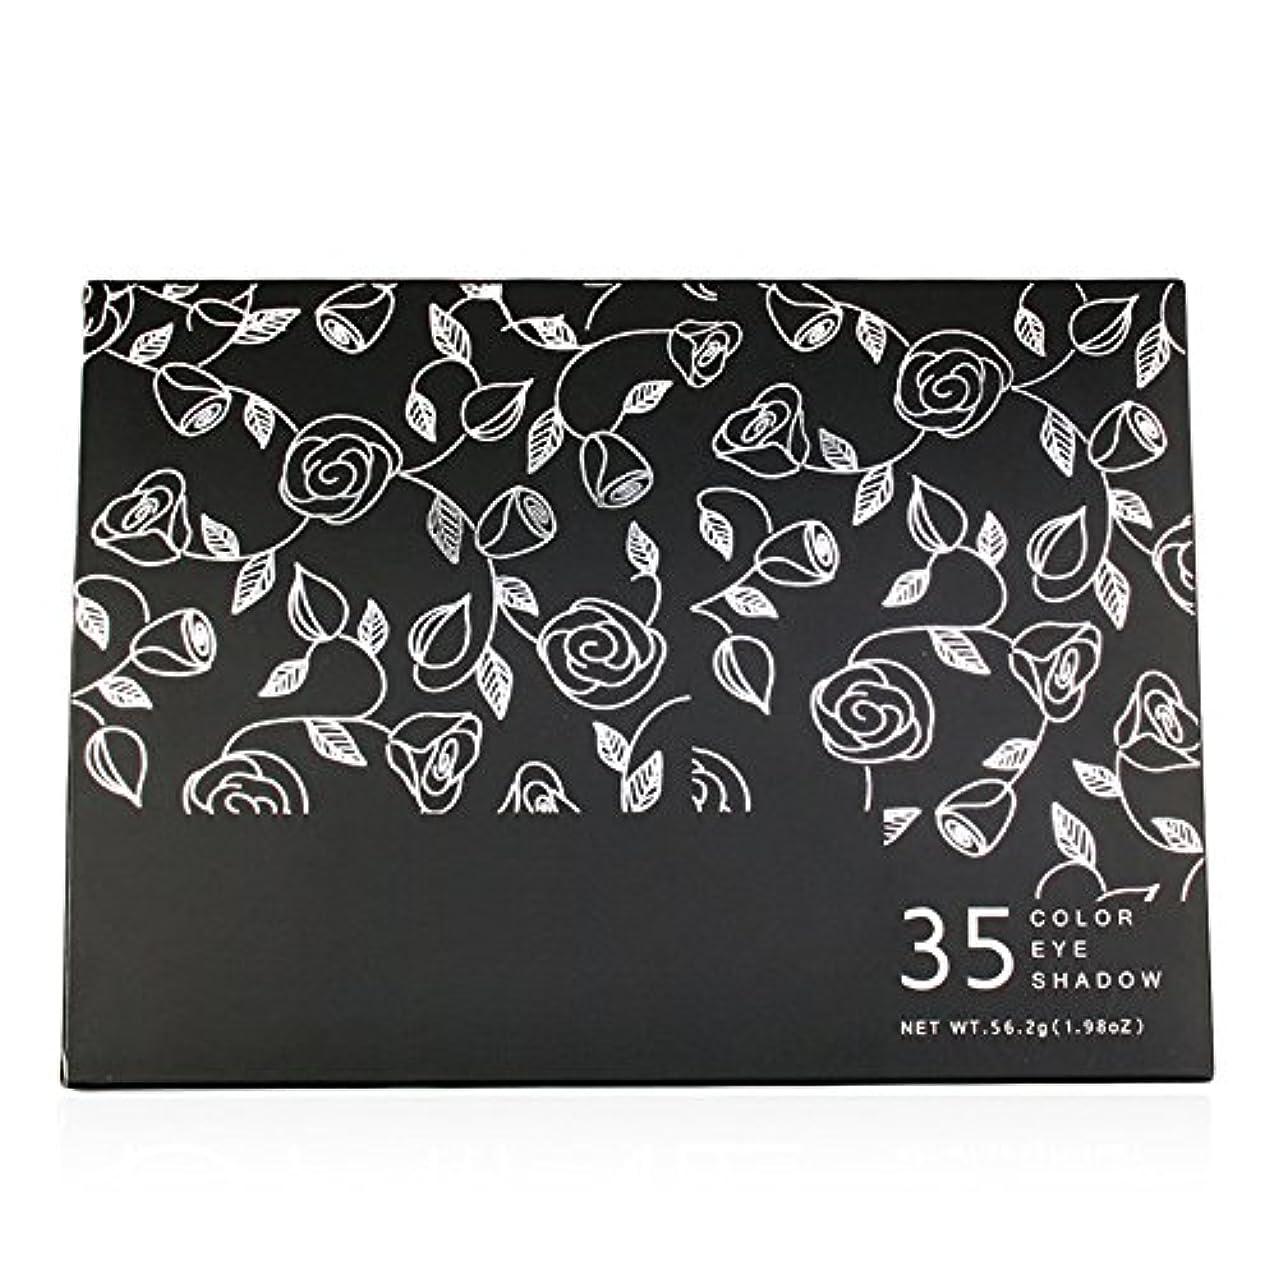 欠かせない流出制限されたAkane アイシャドウパレット 35HC 魅力的 ファッション 気質的 綺麗 花柄 高級 マット チャーム 長持ち つや消し おしゃれ 持ち便利 Eye Shadow (35色)